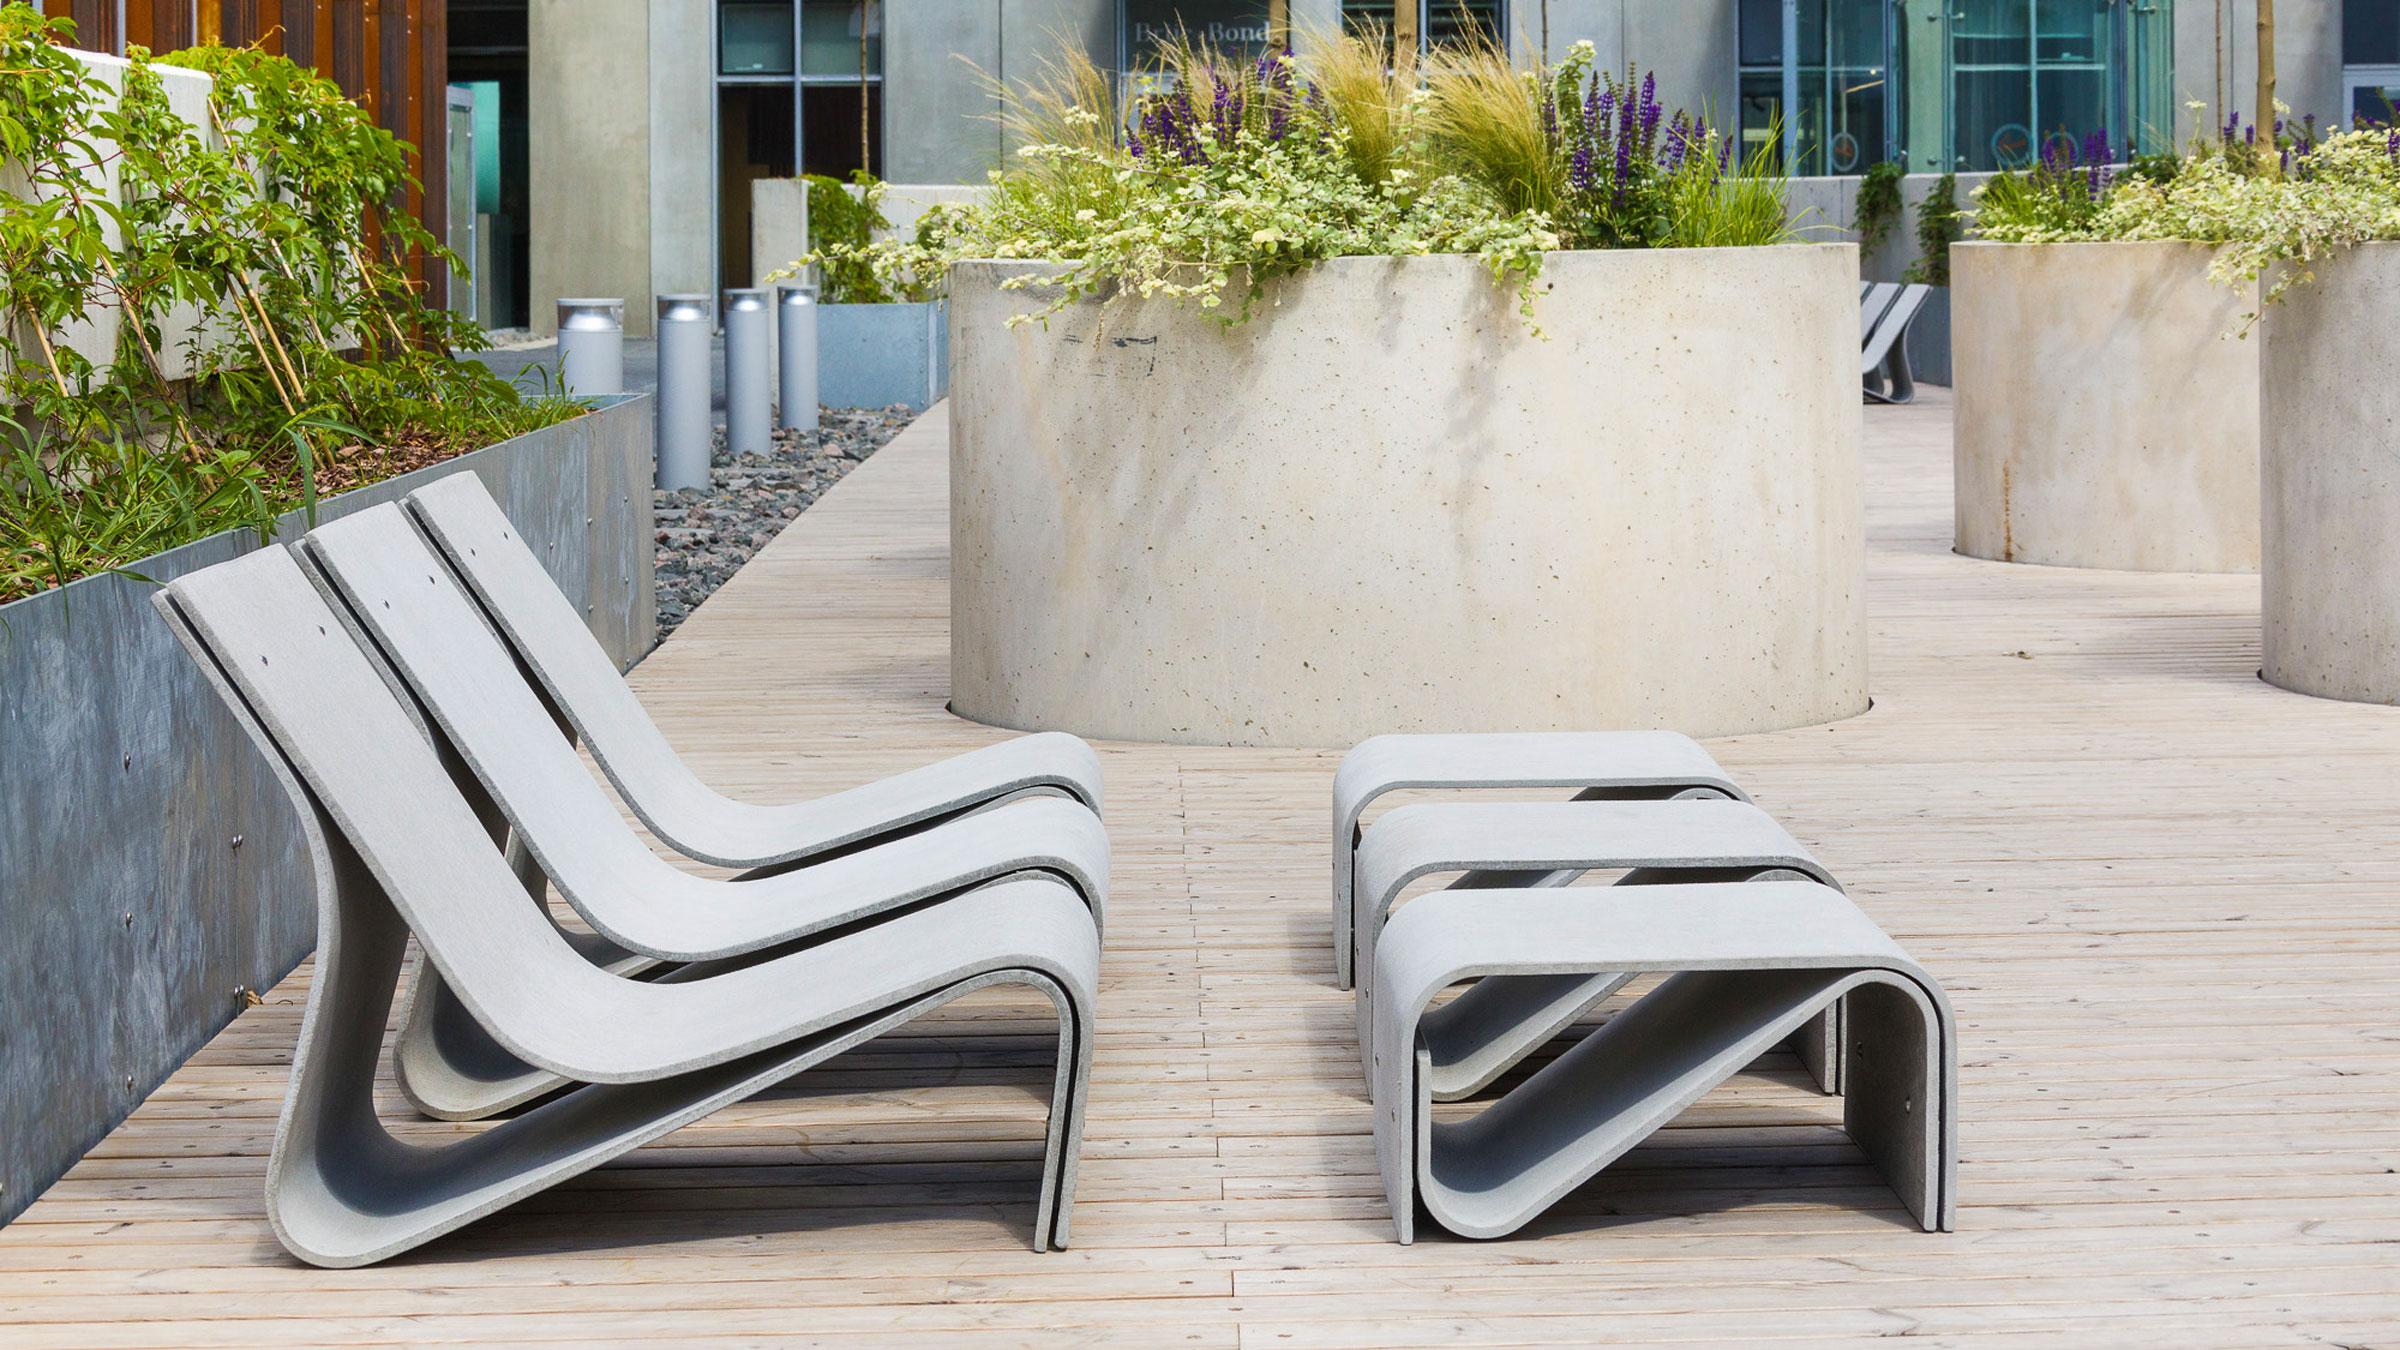 hauser-design-eternit-beton-sessel-sponeck